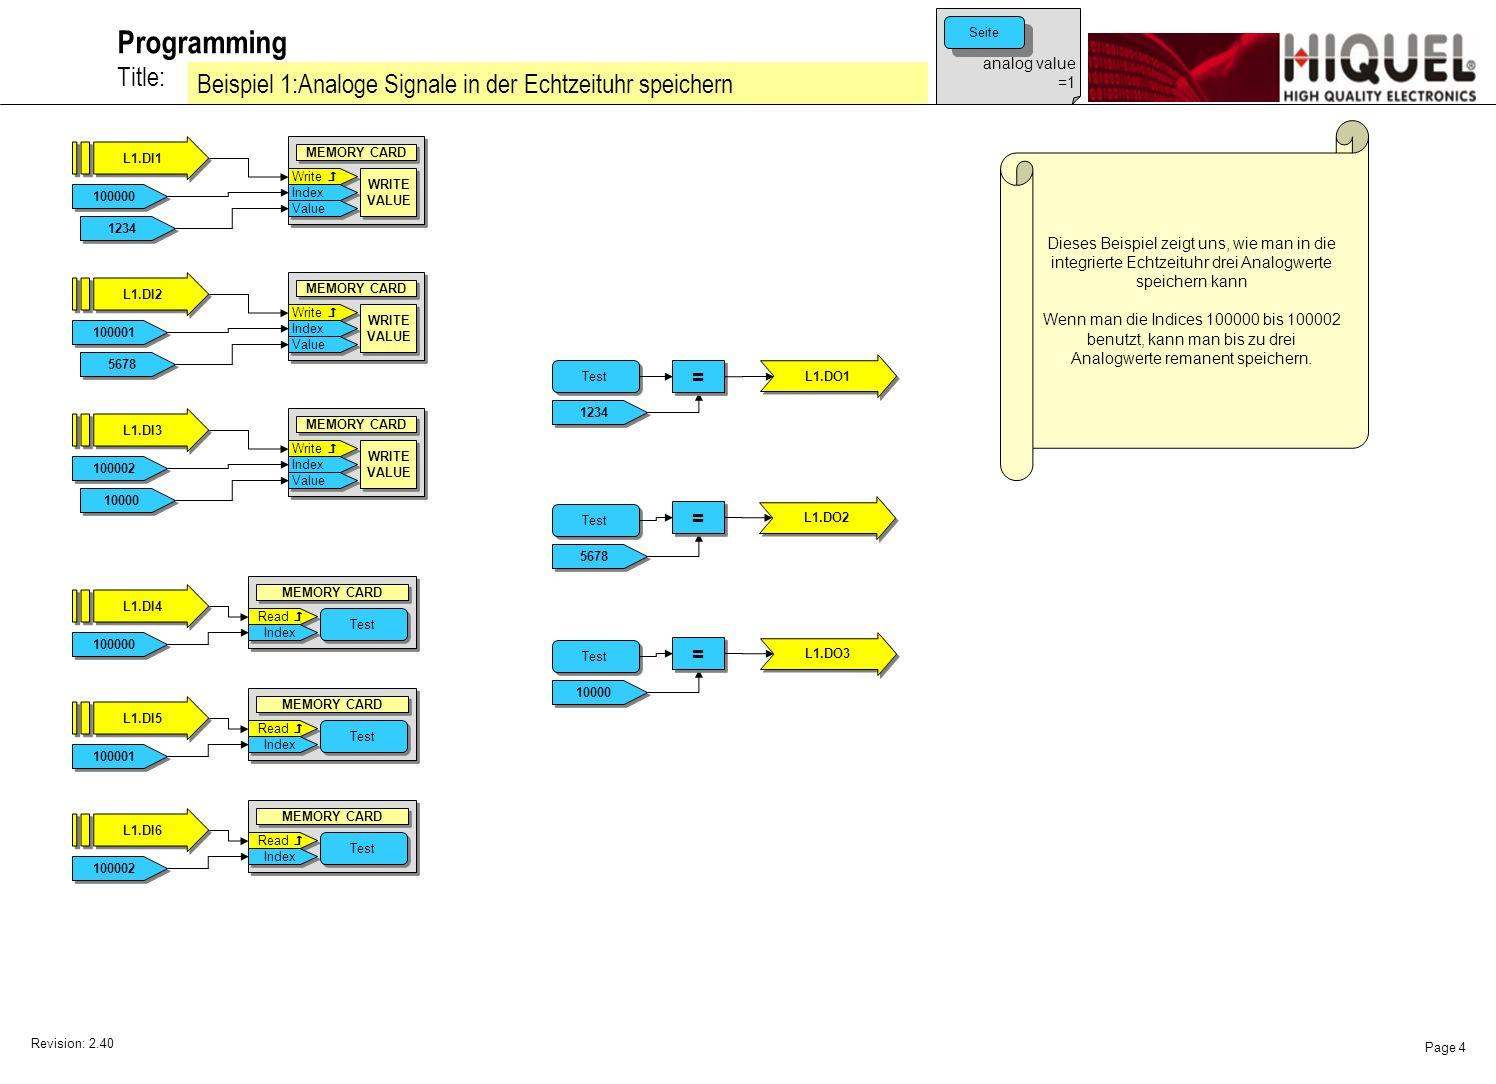 Revision: 2.40 Page 4 Title: Programming Beispiel 1:Analoge Signale in der Echtzeituhr speichern analog value =1 Seite Dieses Beispiel zeigt uns, wie man in die integrierte Echtzeituhr drei Analogwerte speichern kann Wenn man die Indices 100000 bis 100002 benutzt, kann man bis zu drei Analogwerte remanent speichern.